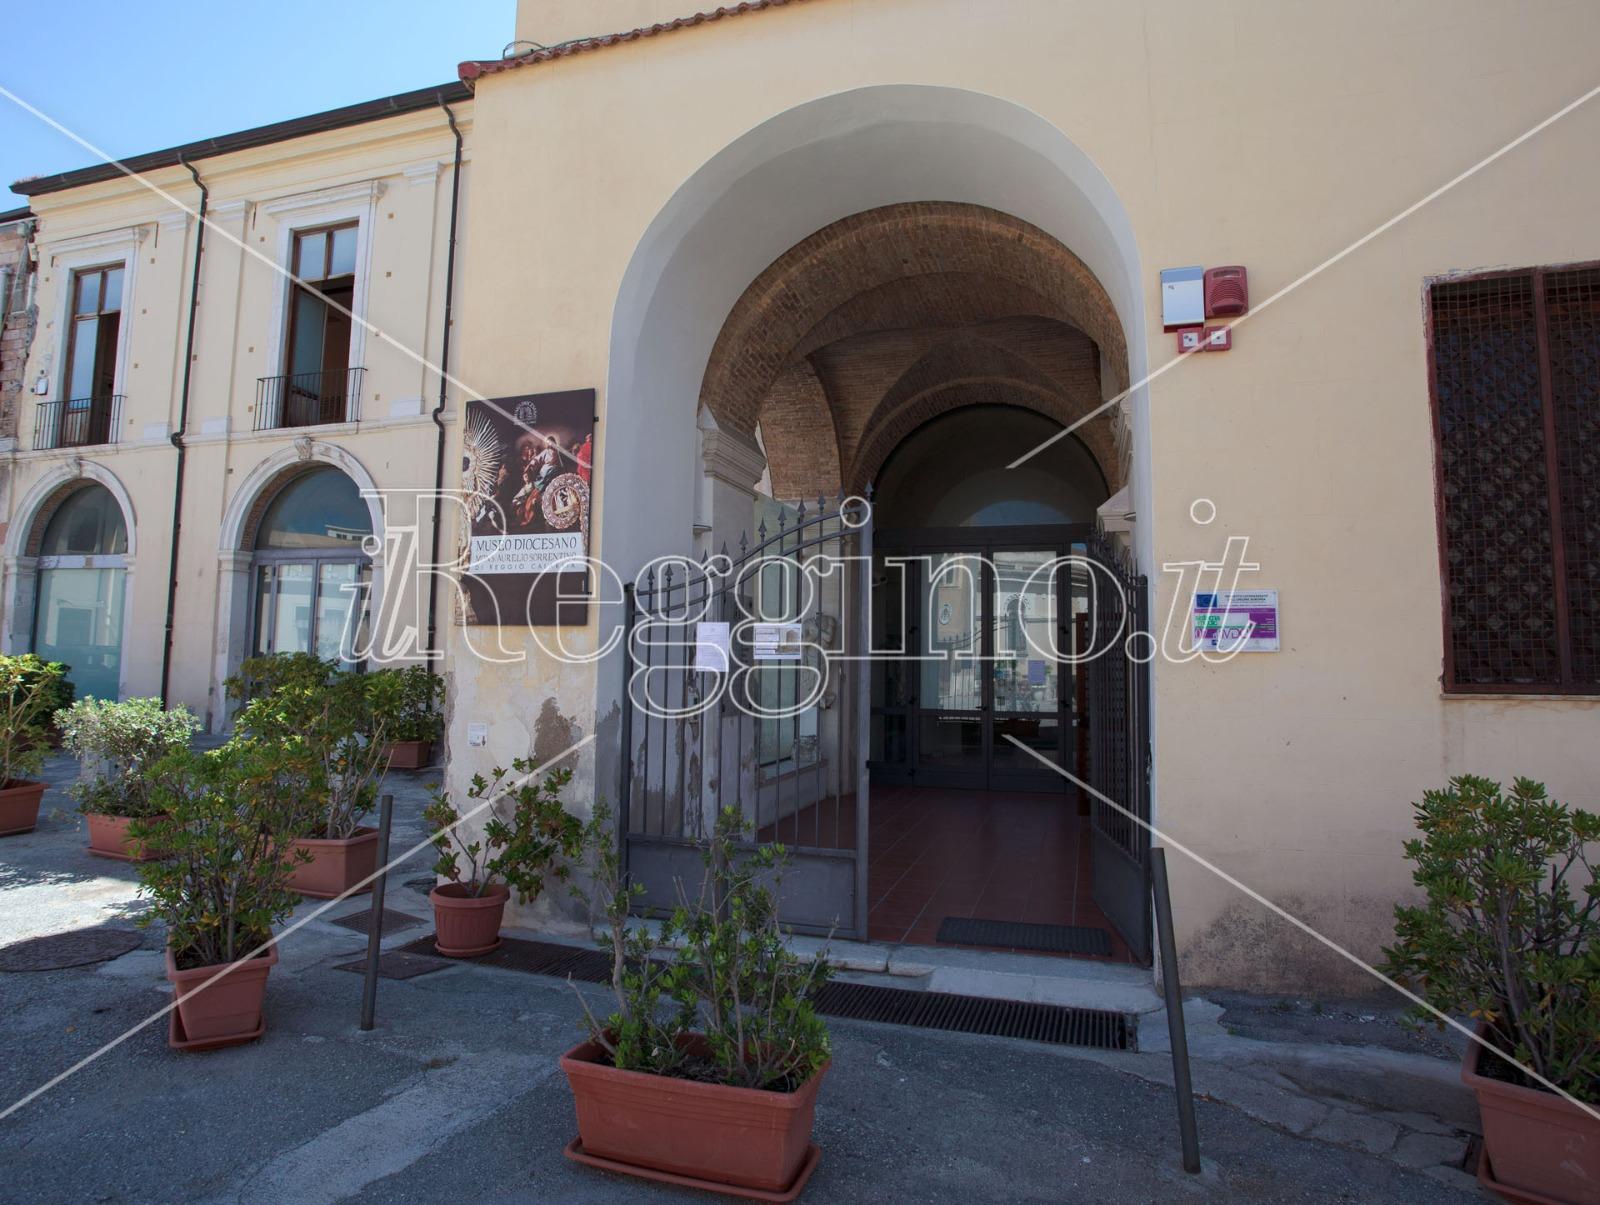 Al Museo diocesano riprendono i laboratori didattici per bambini